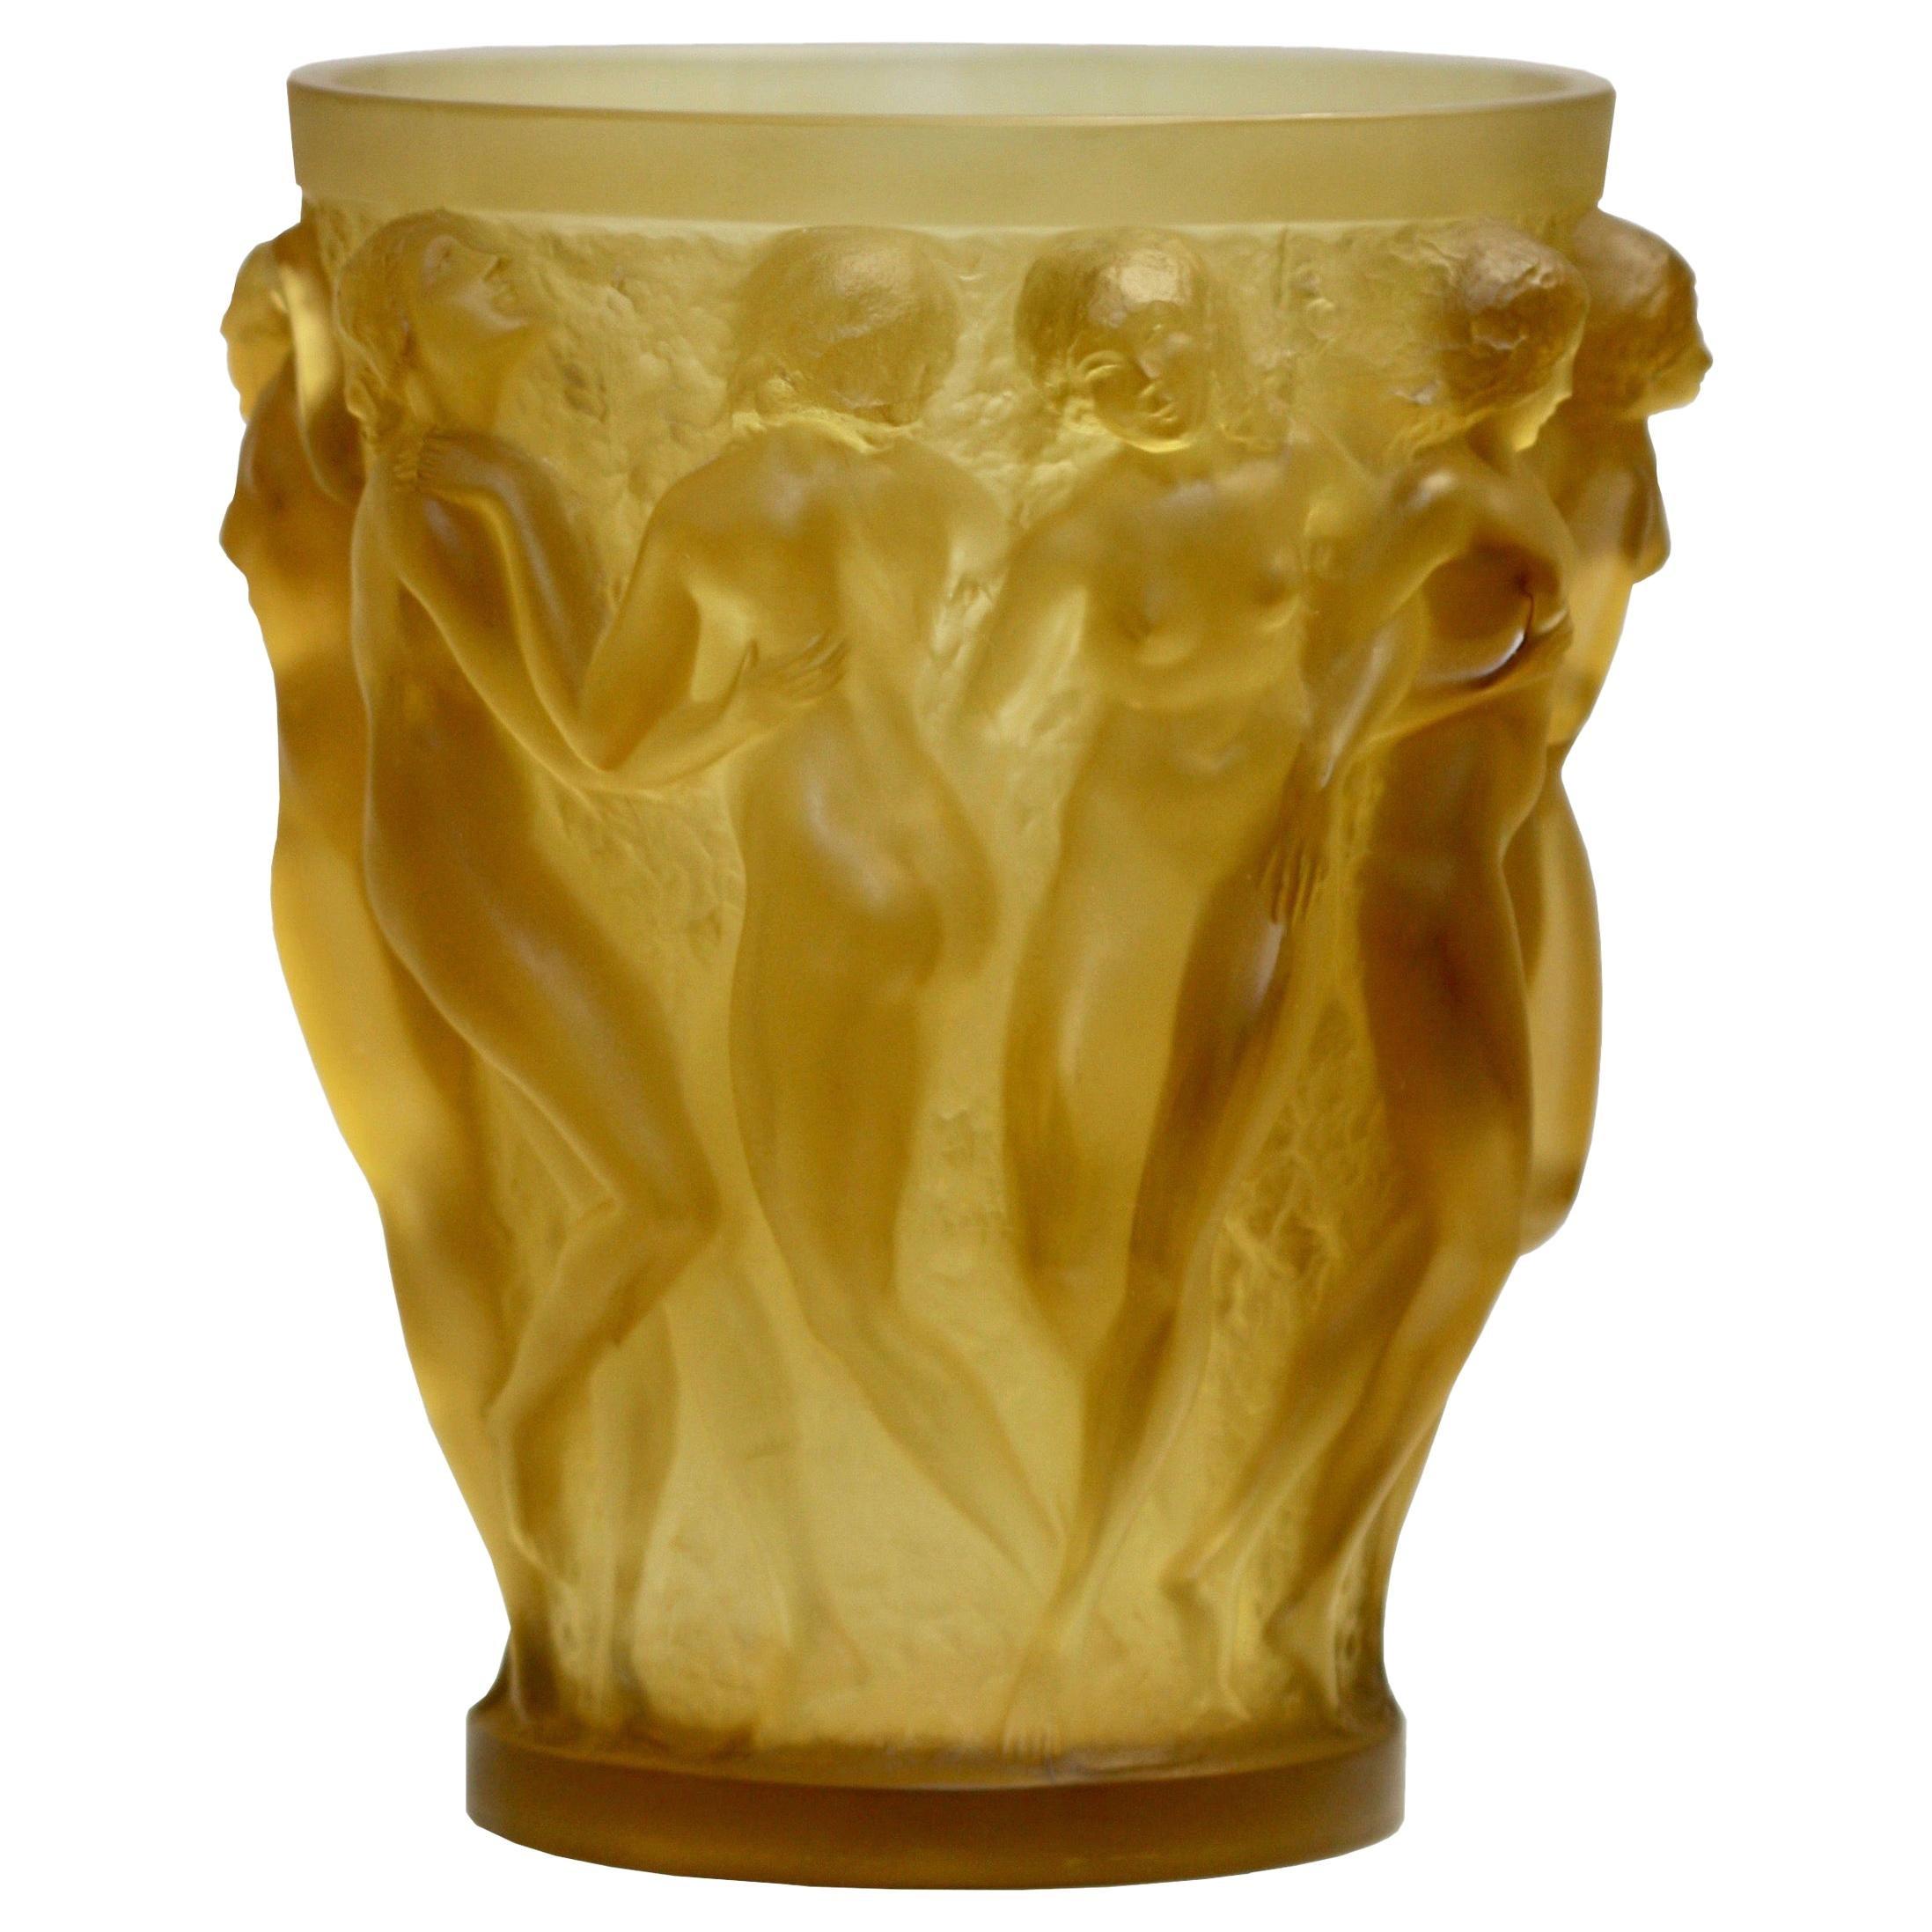 René Lalique Bacchantes Yellow Rene Lalique Glass Vase